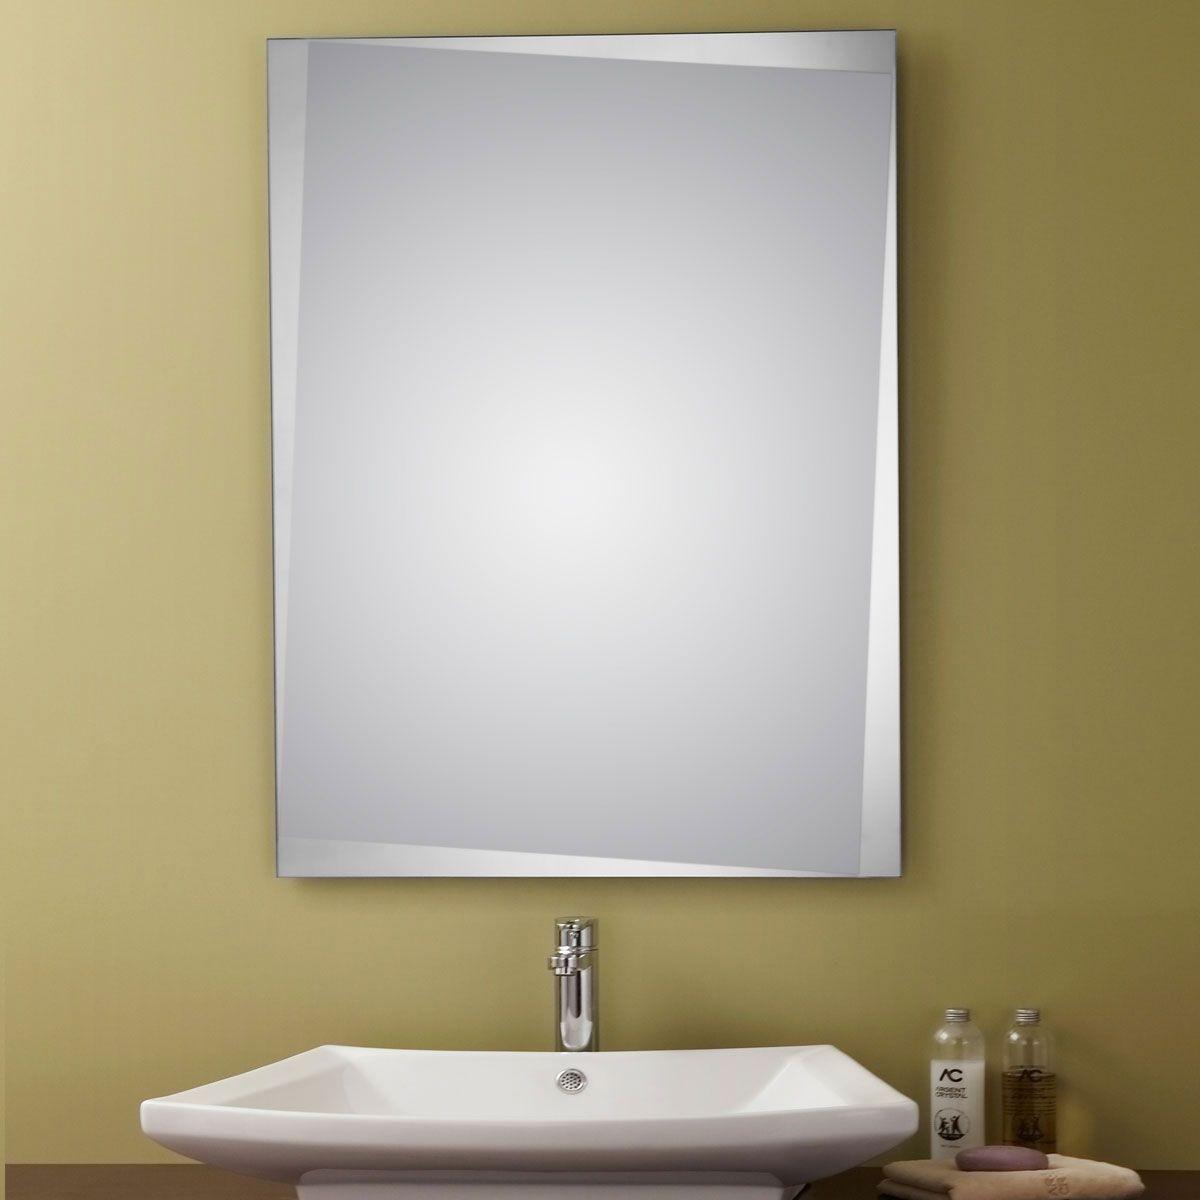 24 x 32 po miroir argent sans cadre de salle de bains for Miroir 40x50 sans cadre